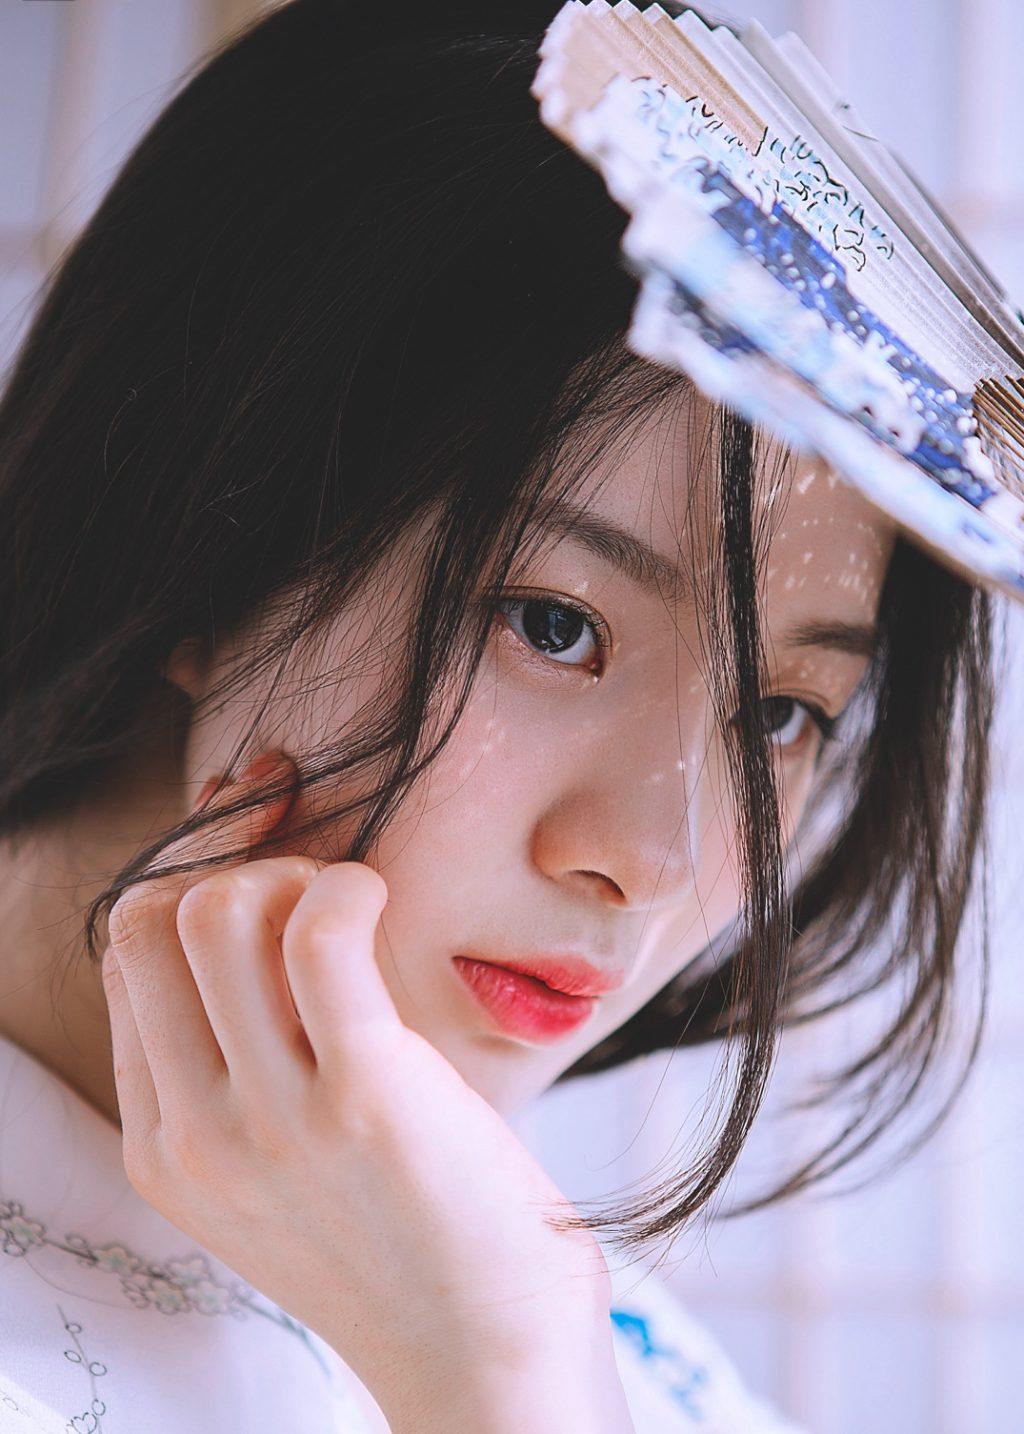 Bí quyết dưỡng da của phụ nữ Nhật bạn cần biết